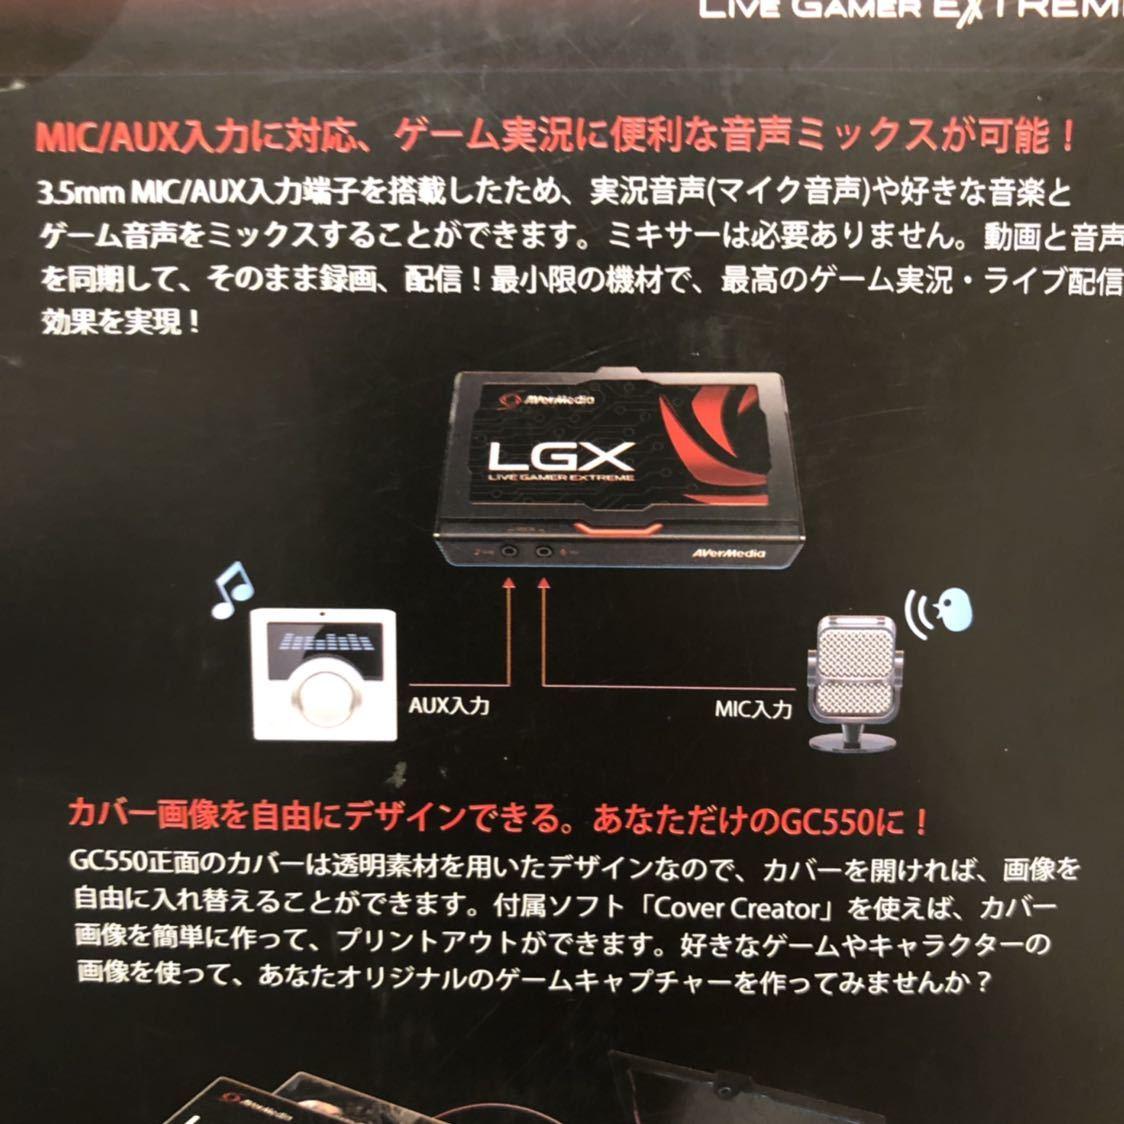 【美品】キャプチャーボード PS4などゲーム録画or実況におススメ gc550 avermedia フルHD 60FPS対応 高速USB3.0_画像10